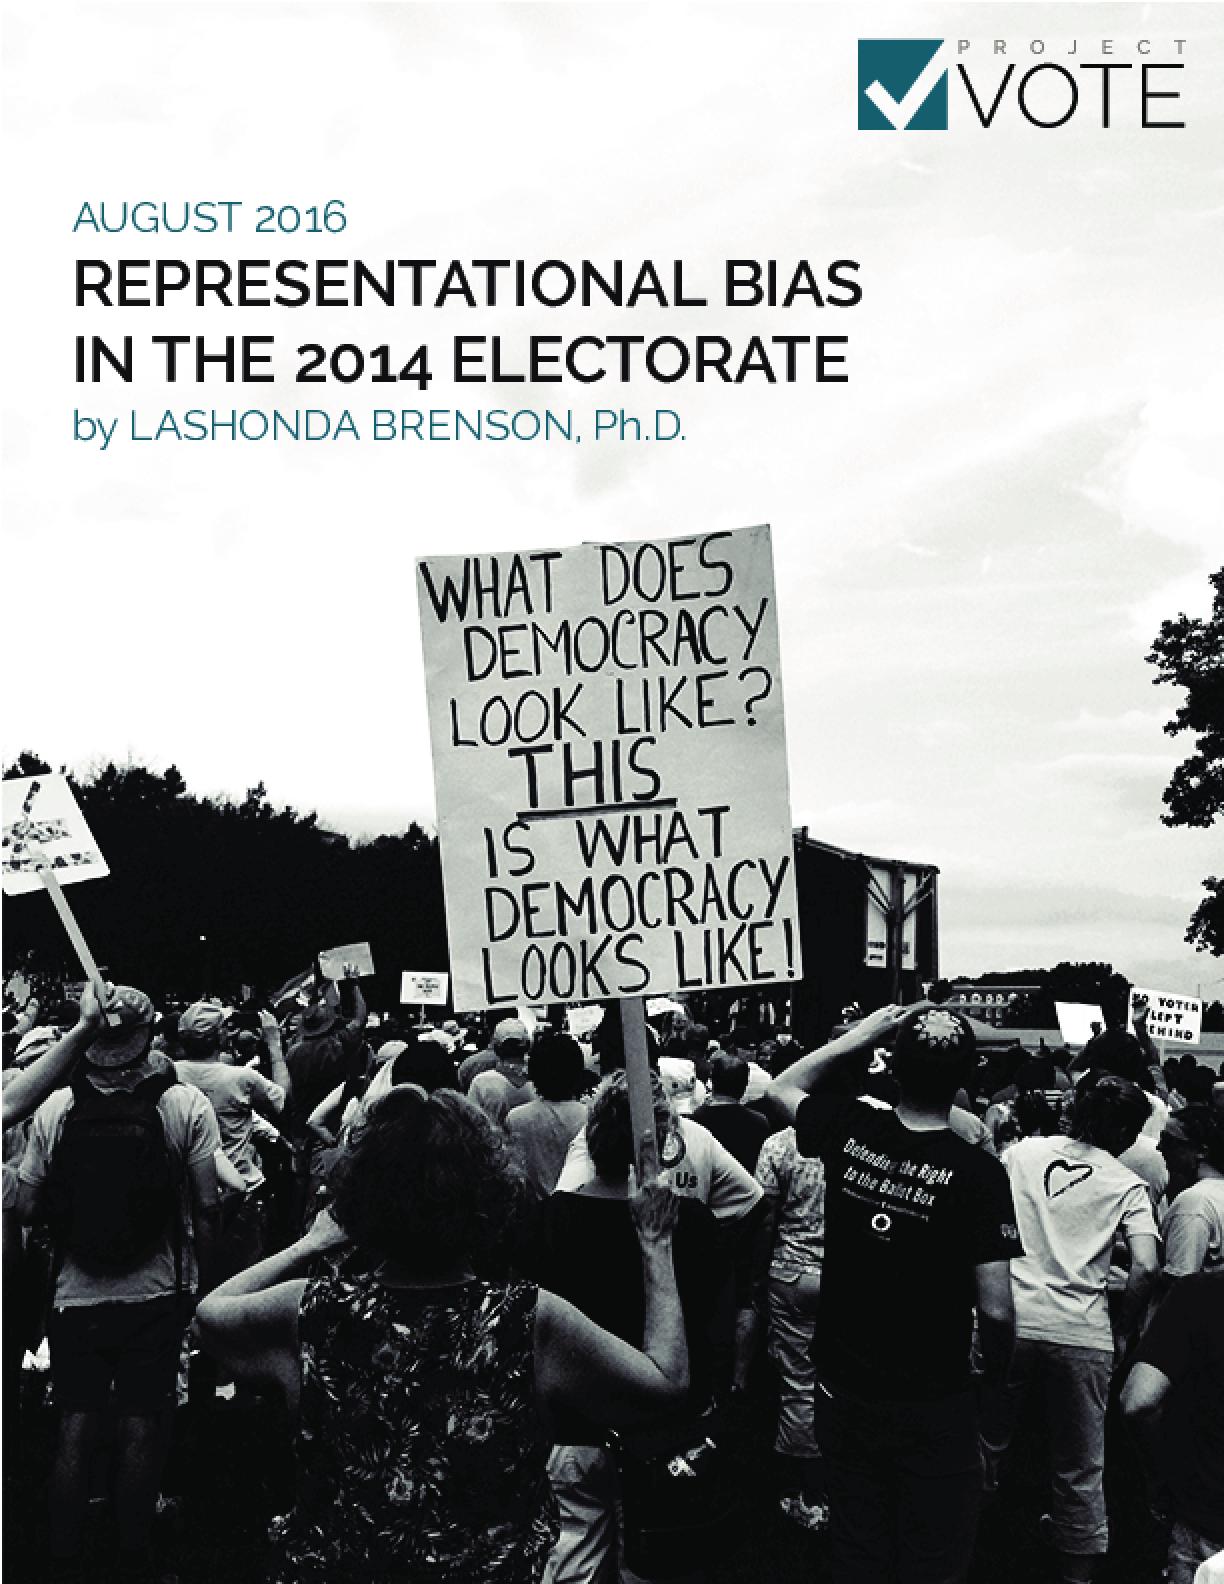 Representational Bias in the 2014 Electorate